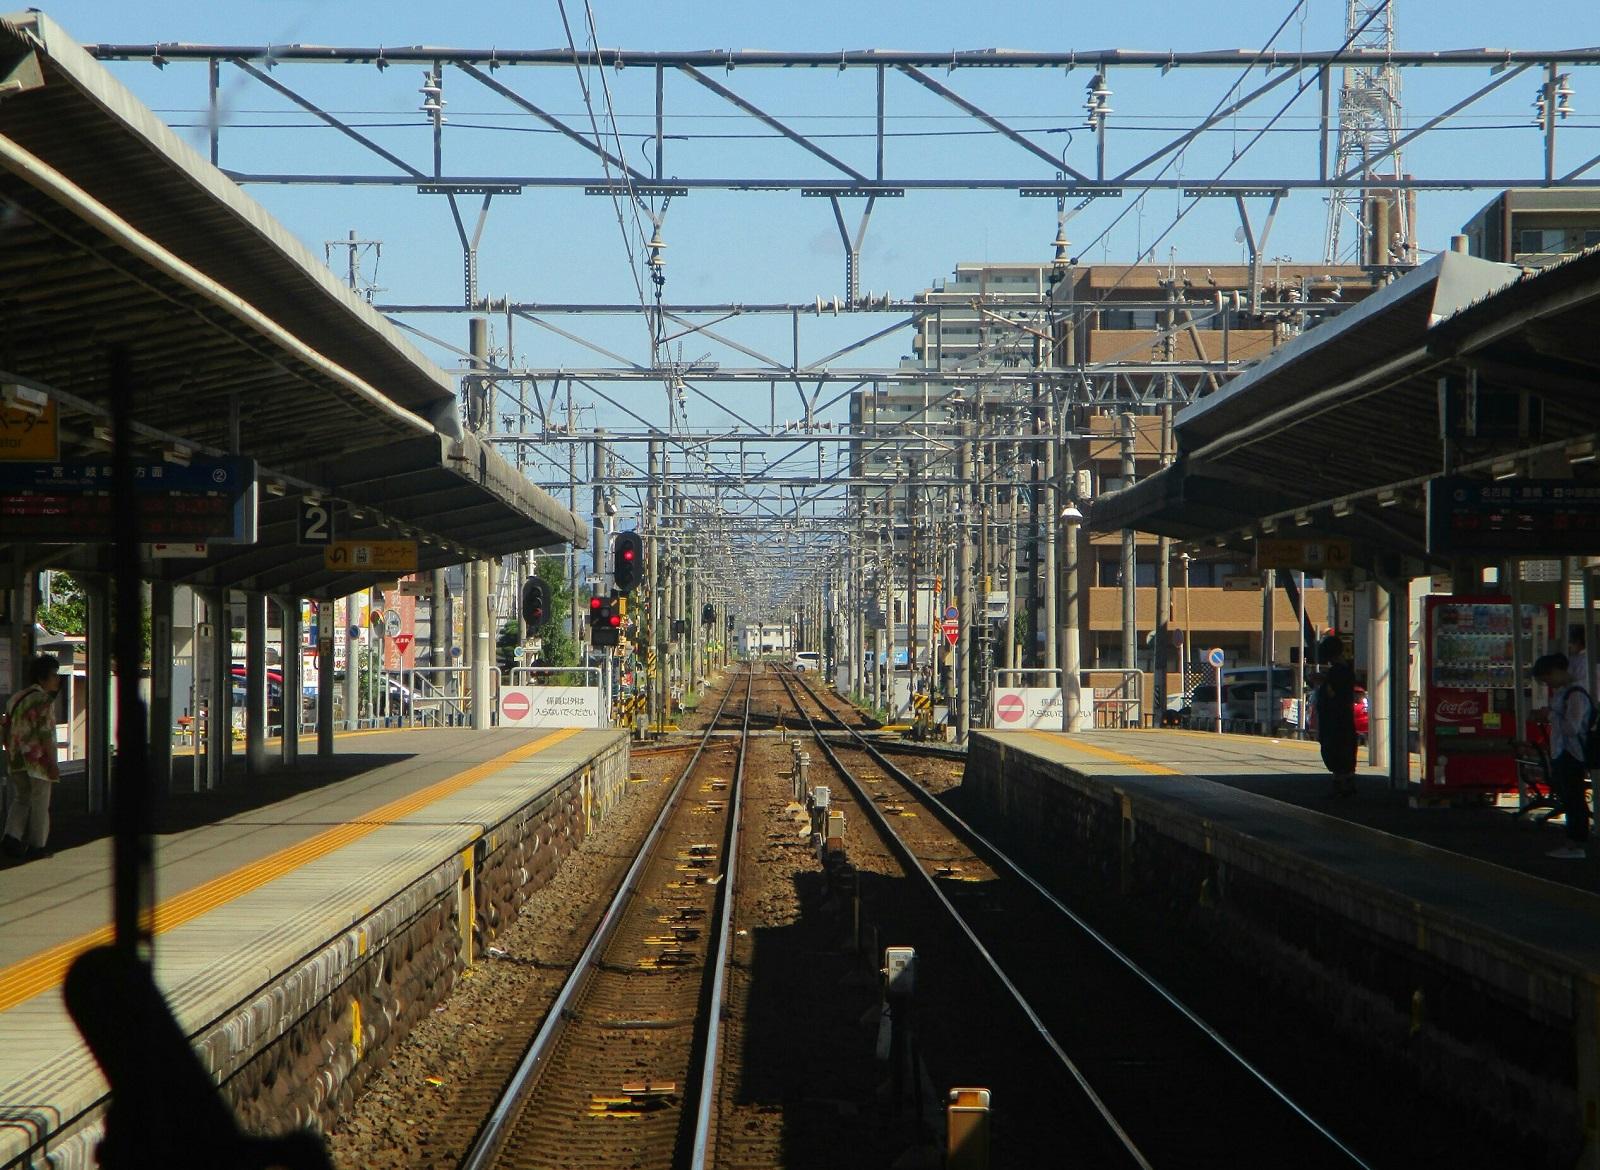 2018.8.17 (9) 岐阜いき特急 - 国府宮 1600-1170